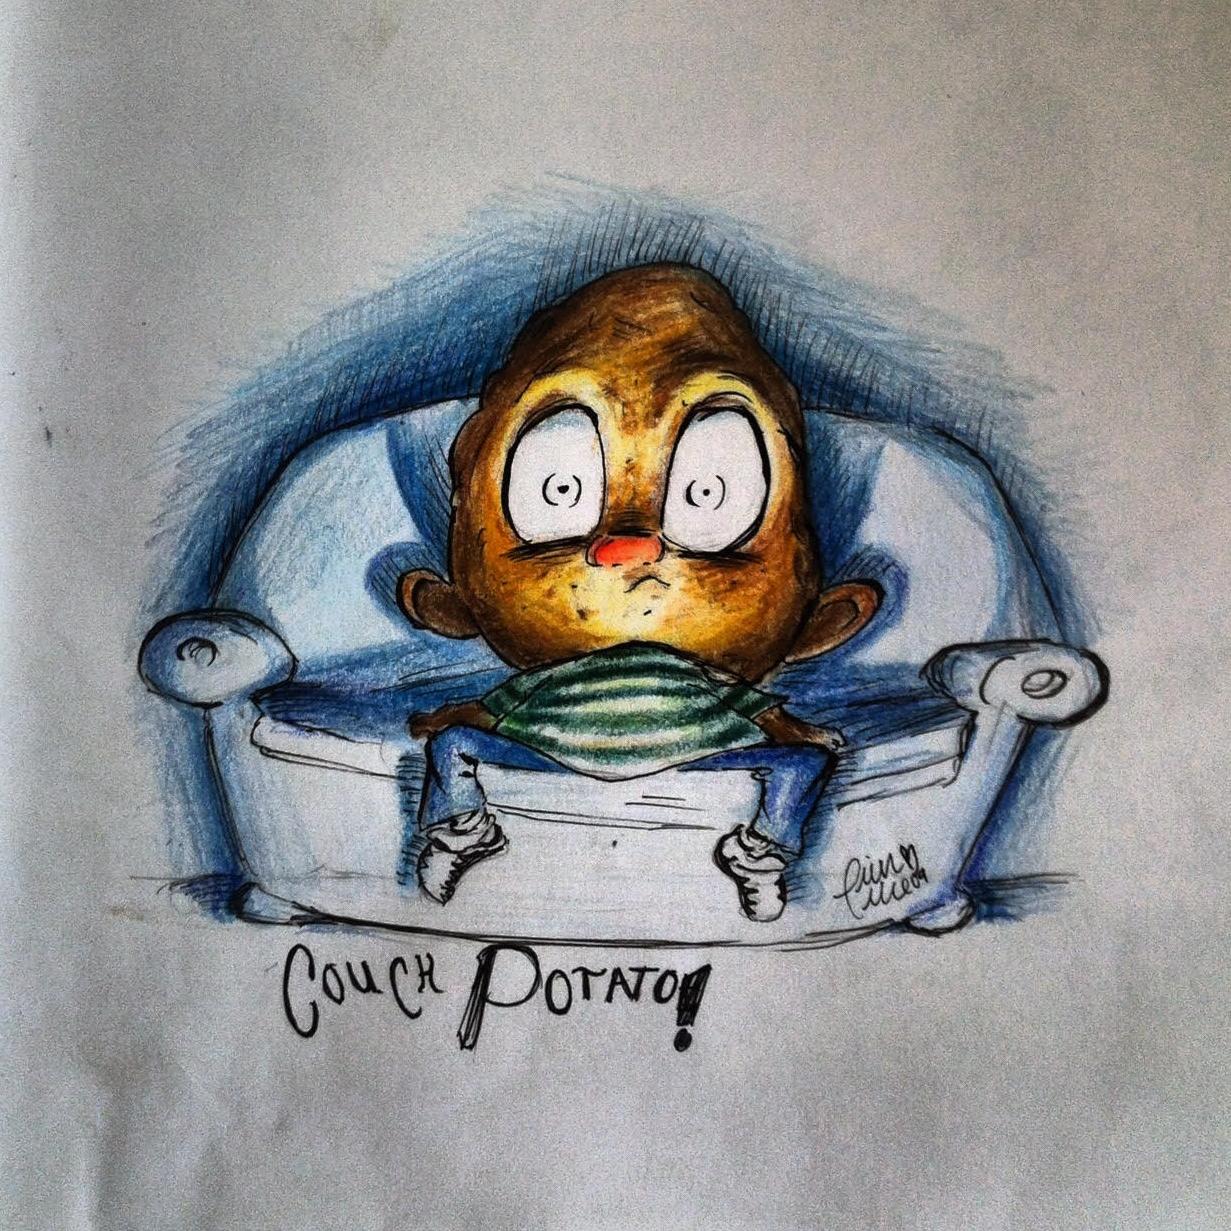 Couch Potato (Colored Pencil), 2008